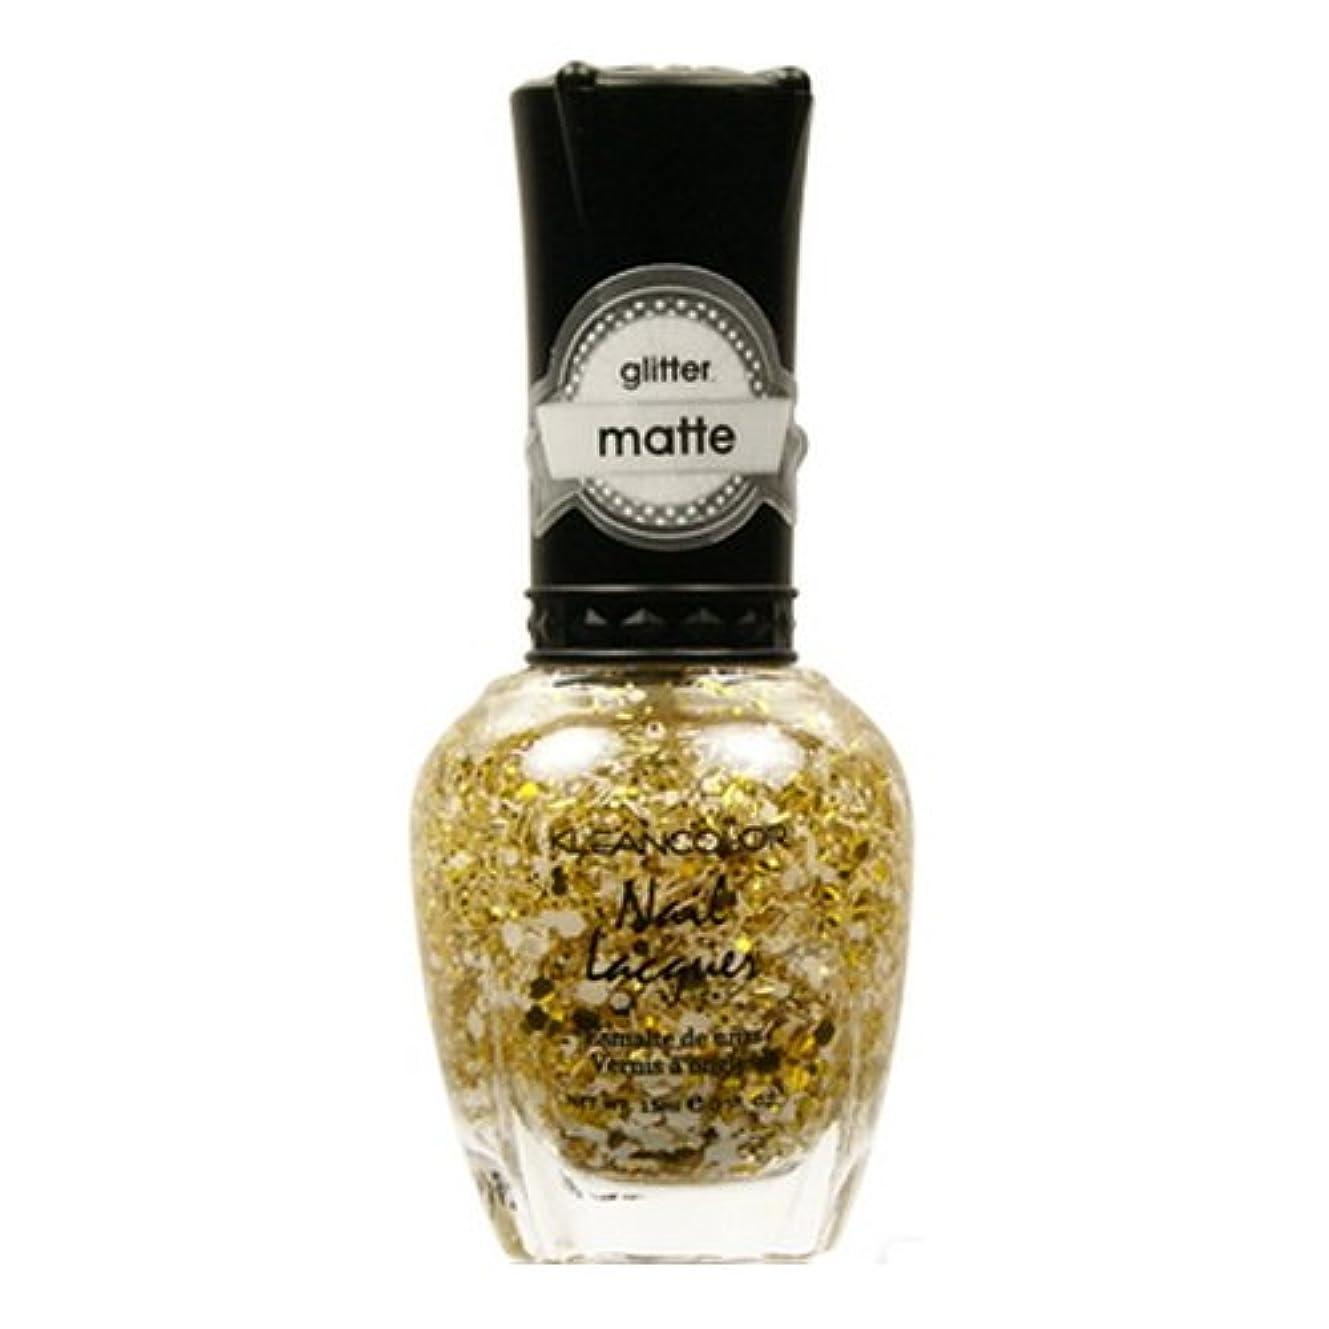 同情的いっぱい処方(3 Pack) KLEANCOLOR Glitter Matte Nail Lacquer - Everyday is My Birthday (並行輸入品)